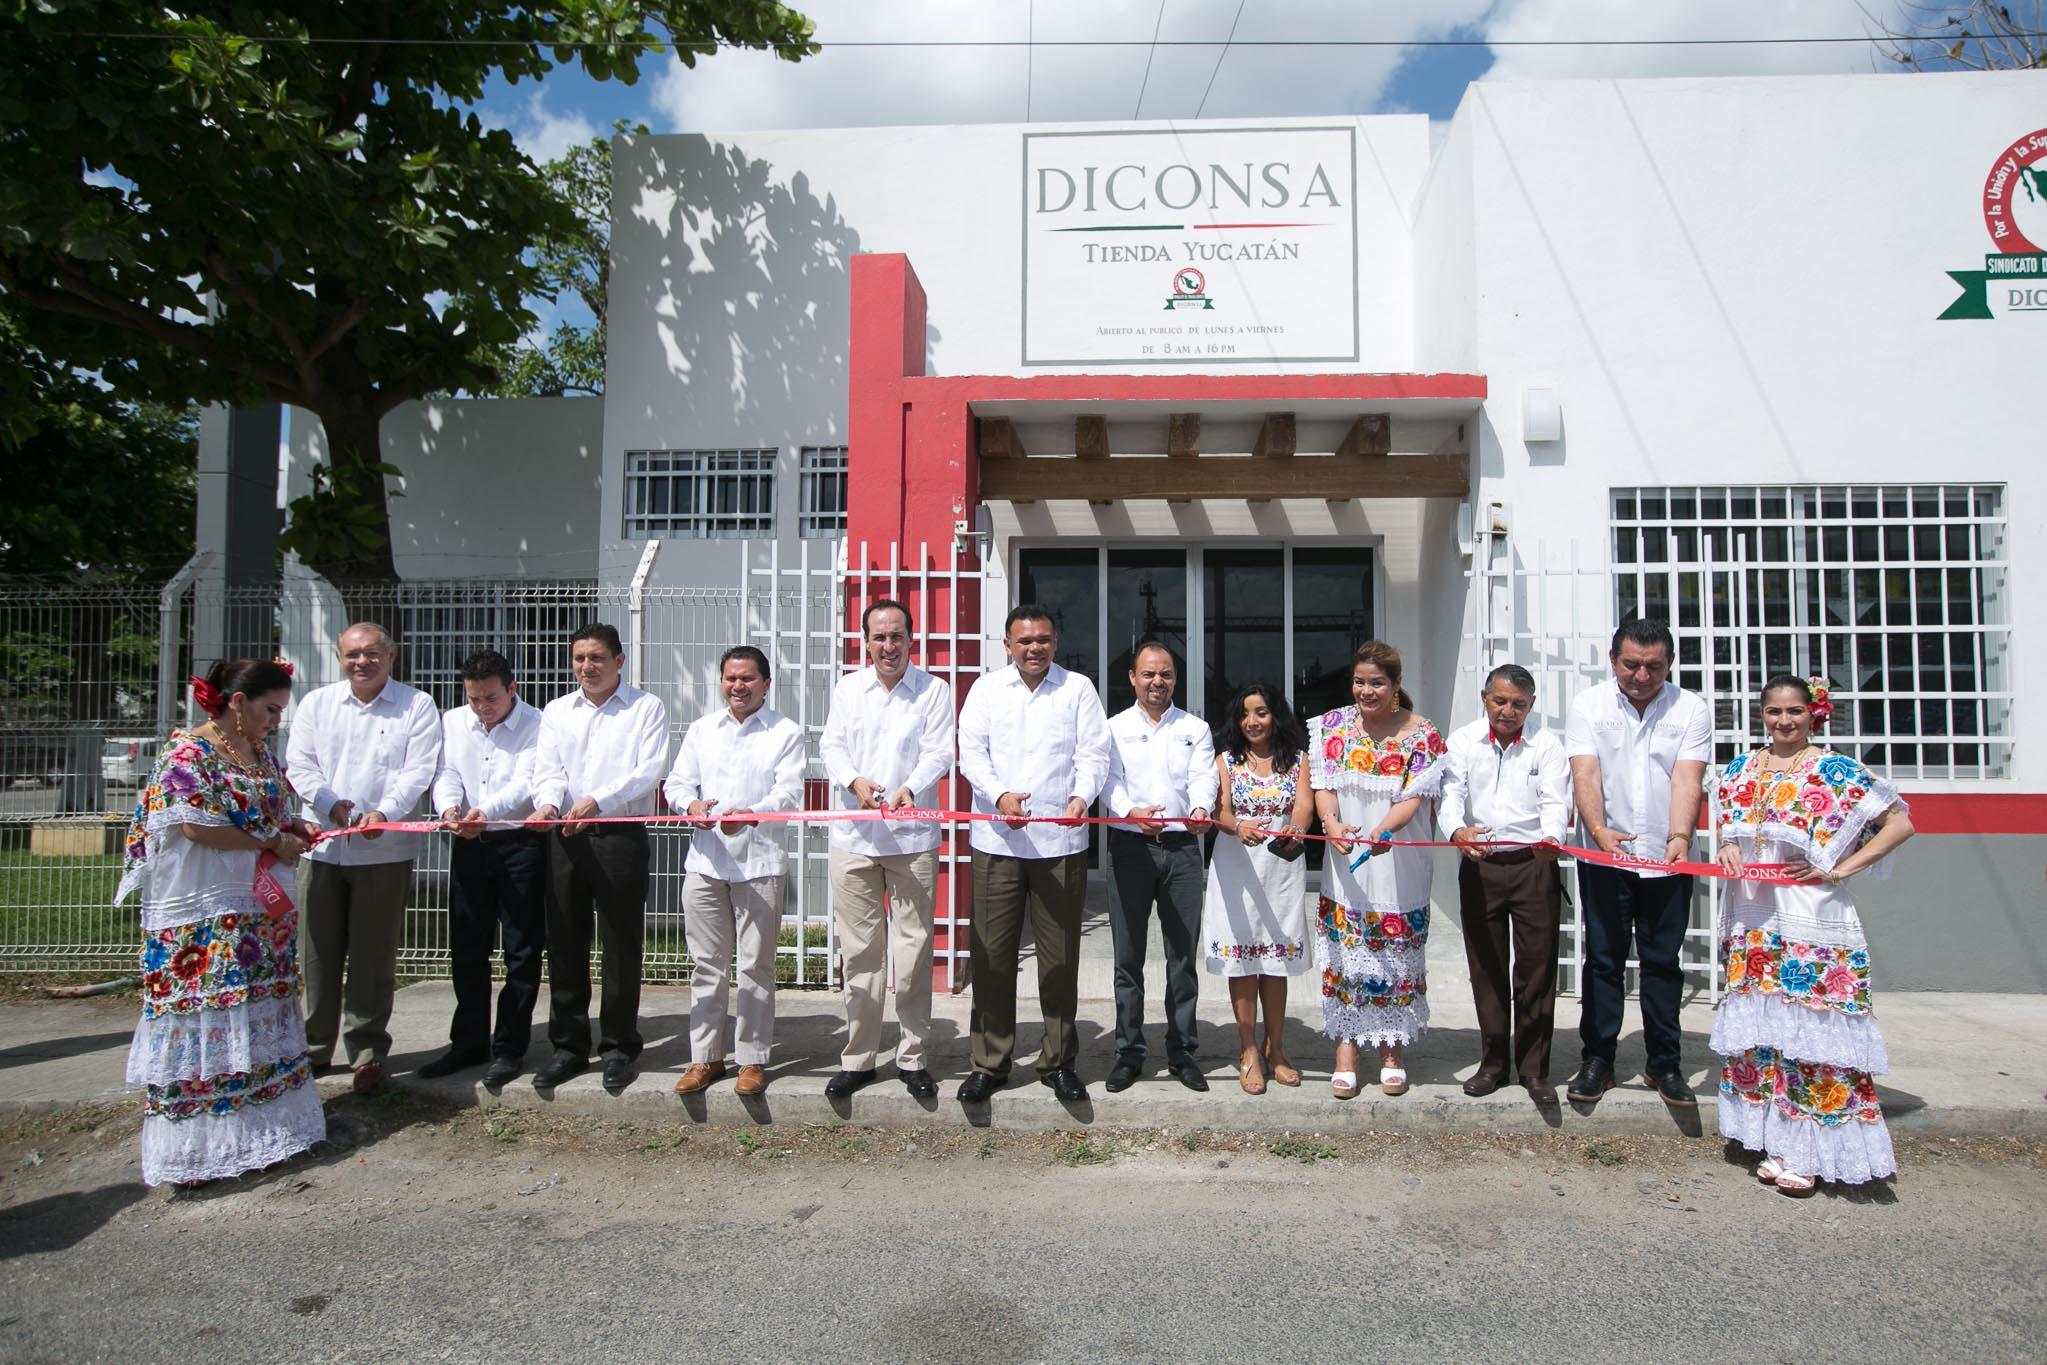 Nueva tienda de Diconsa abre puertas en Yucatán